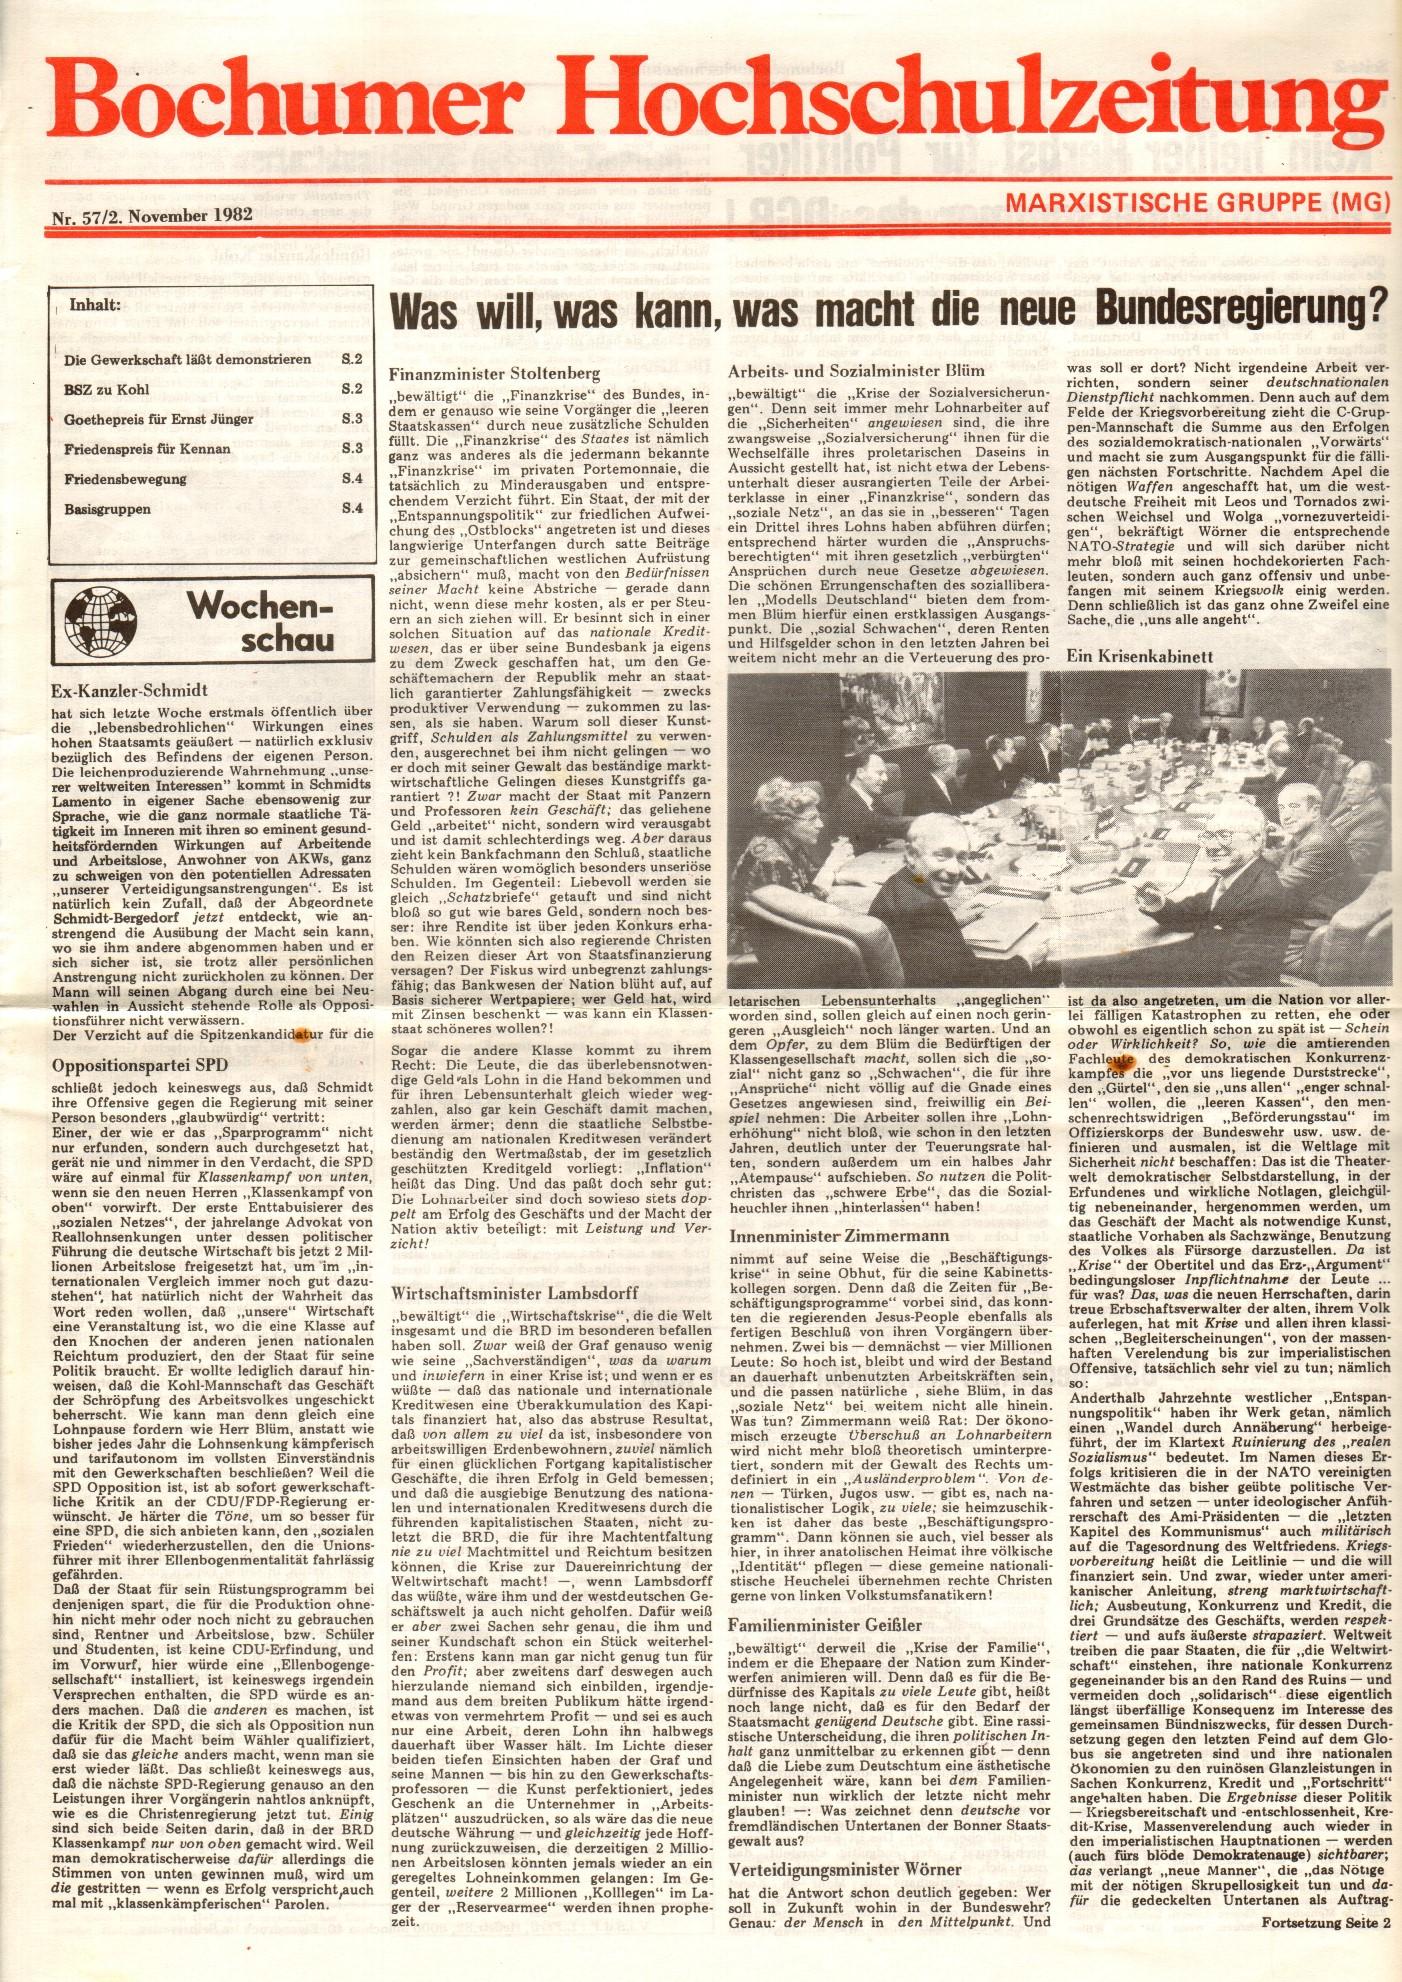 MG_Bochumer_Hochschulzeitung_19821102_01